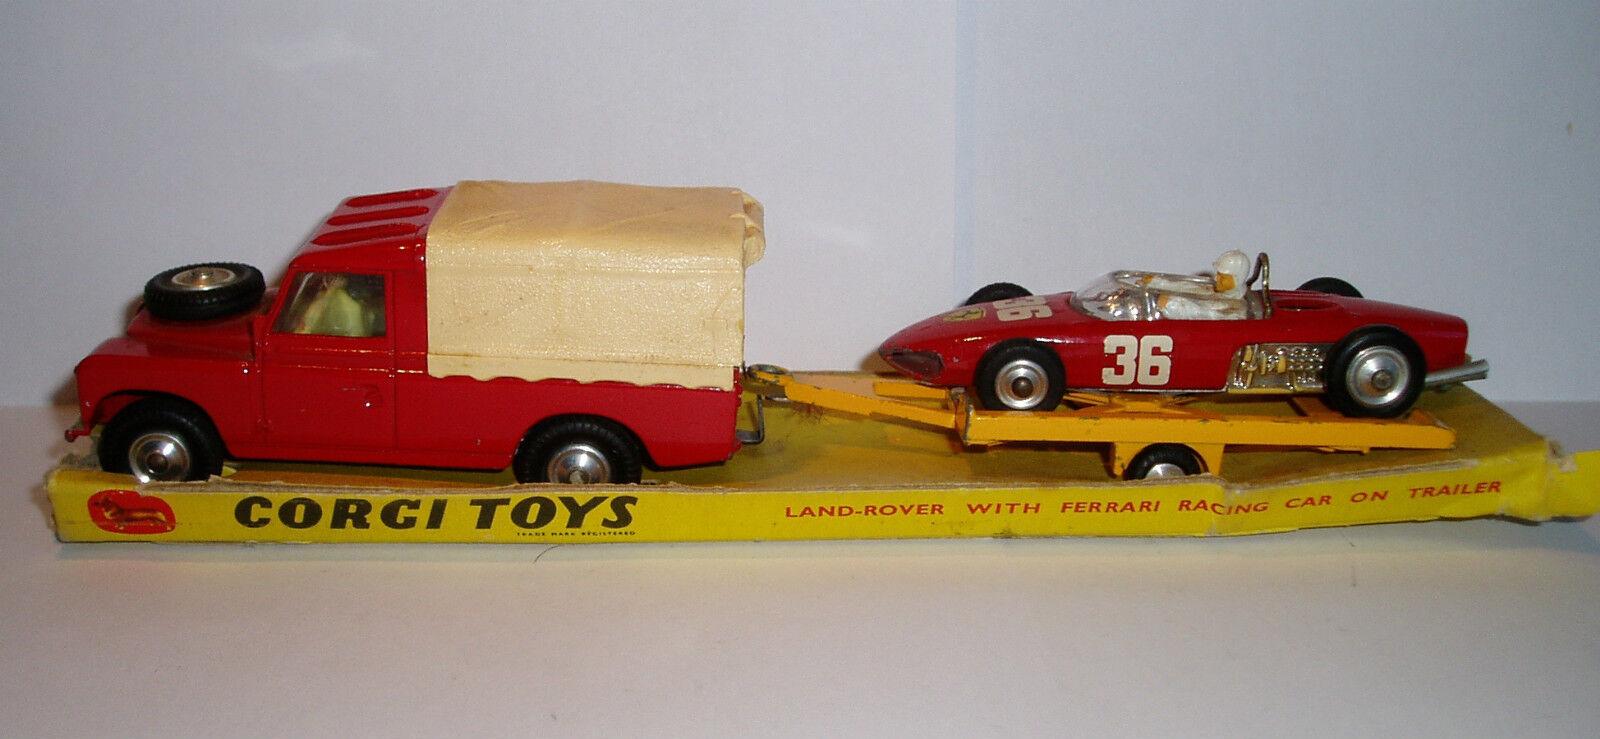 CORGI Set 17 années 1960 Land Rover & trailerouge Ferrari VG Condition en boîte d'origine